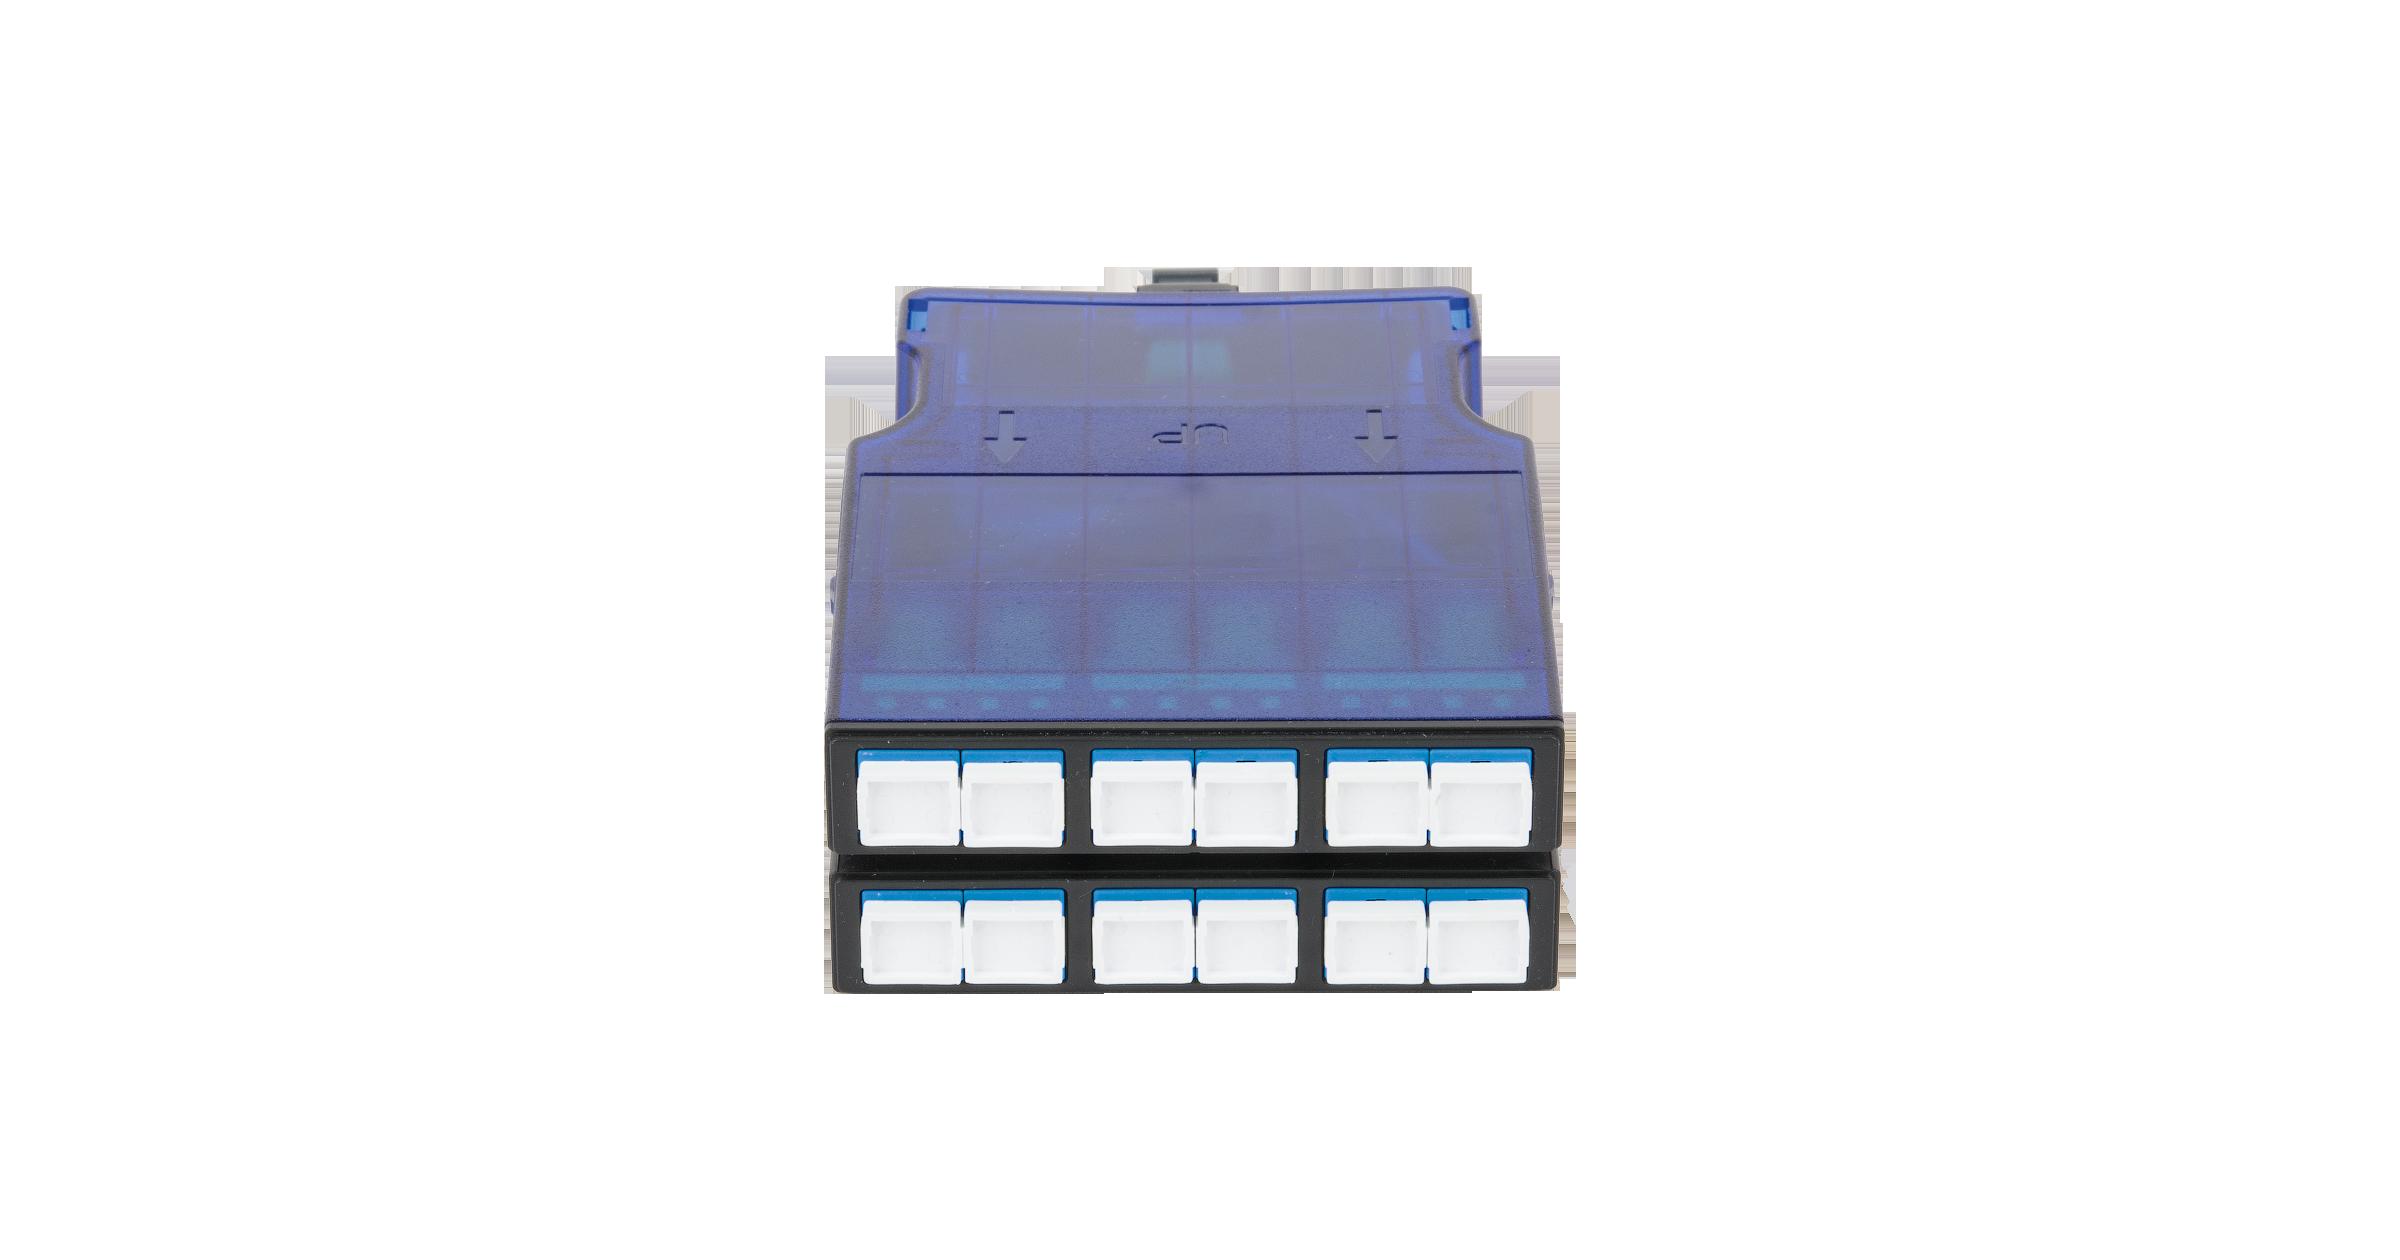 Кассета NIKOMAX волоконно-оптическая, для панели серии CJ, 2 слота, одномодовая 9/125 мкм, стандарта OS2, 1x MTP/male - 12x SC/UPC, поляризация А, премиум